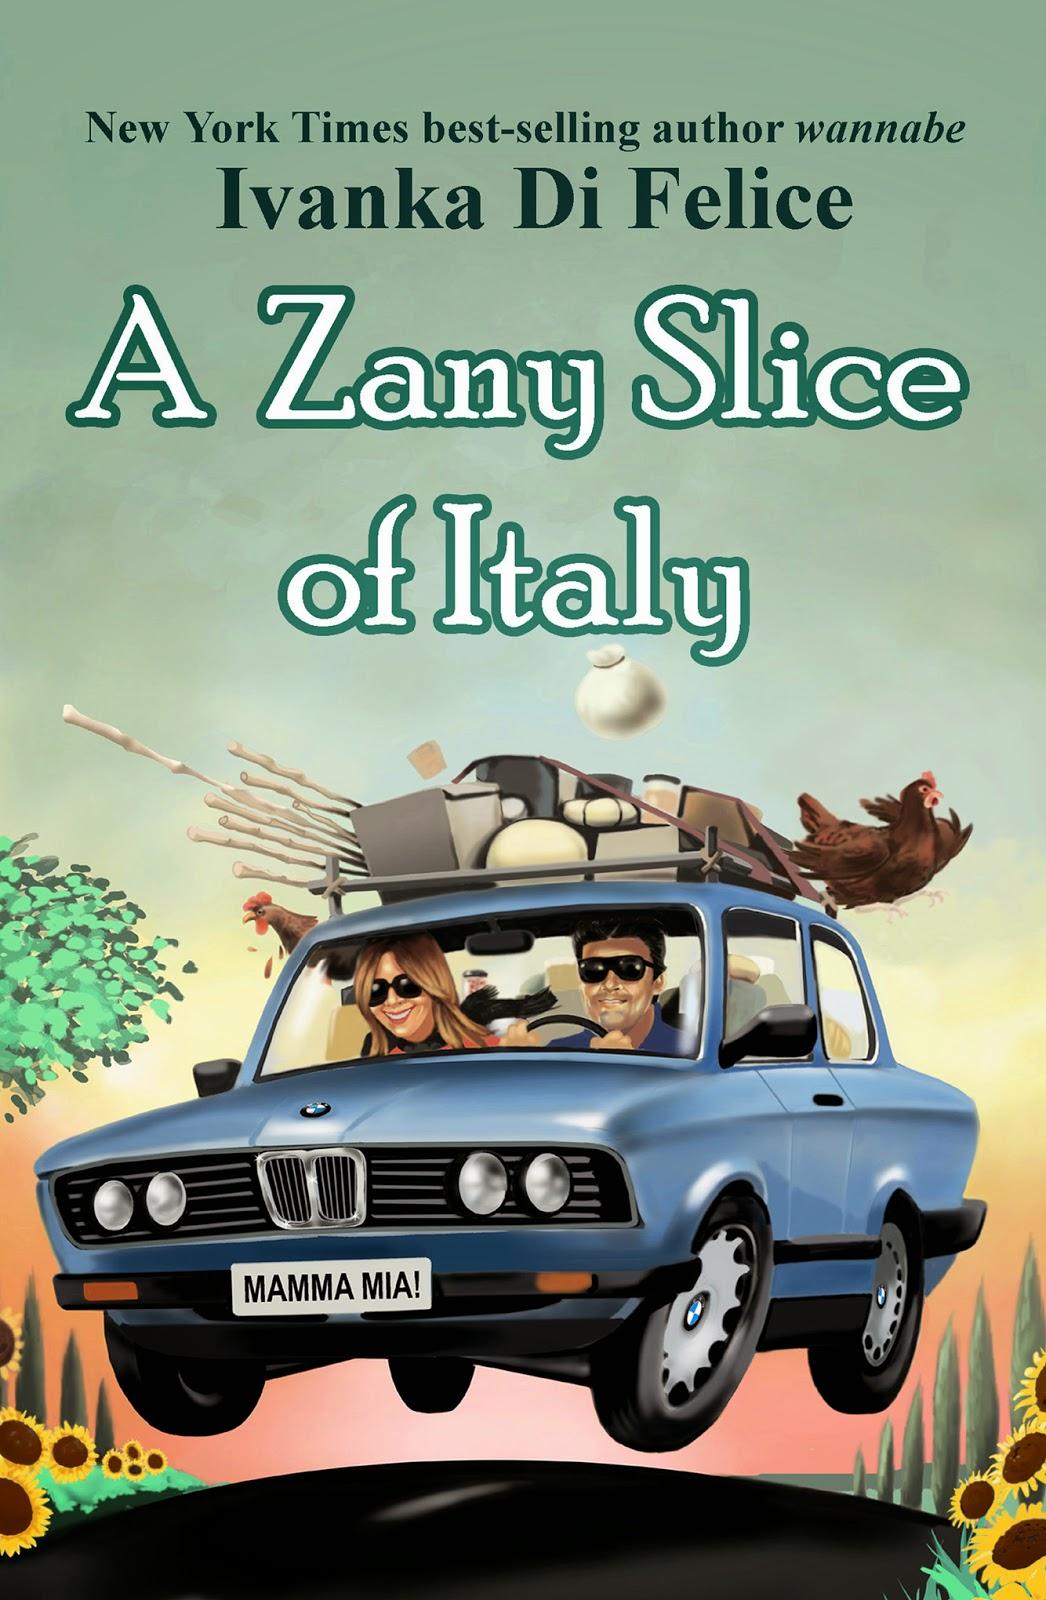 http://www.amazon.com/Zany-Slice-Italy-Ivanka-Felice-ebook/dp/B00JZ0Y4BW/ref=la_B00K0QTUNC_1_1?s=books&ie=UTF8&qid=1422911073&sr=1-1